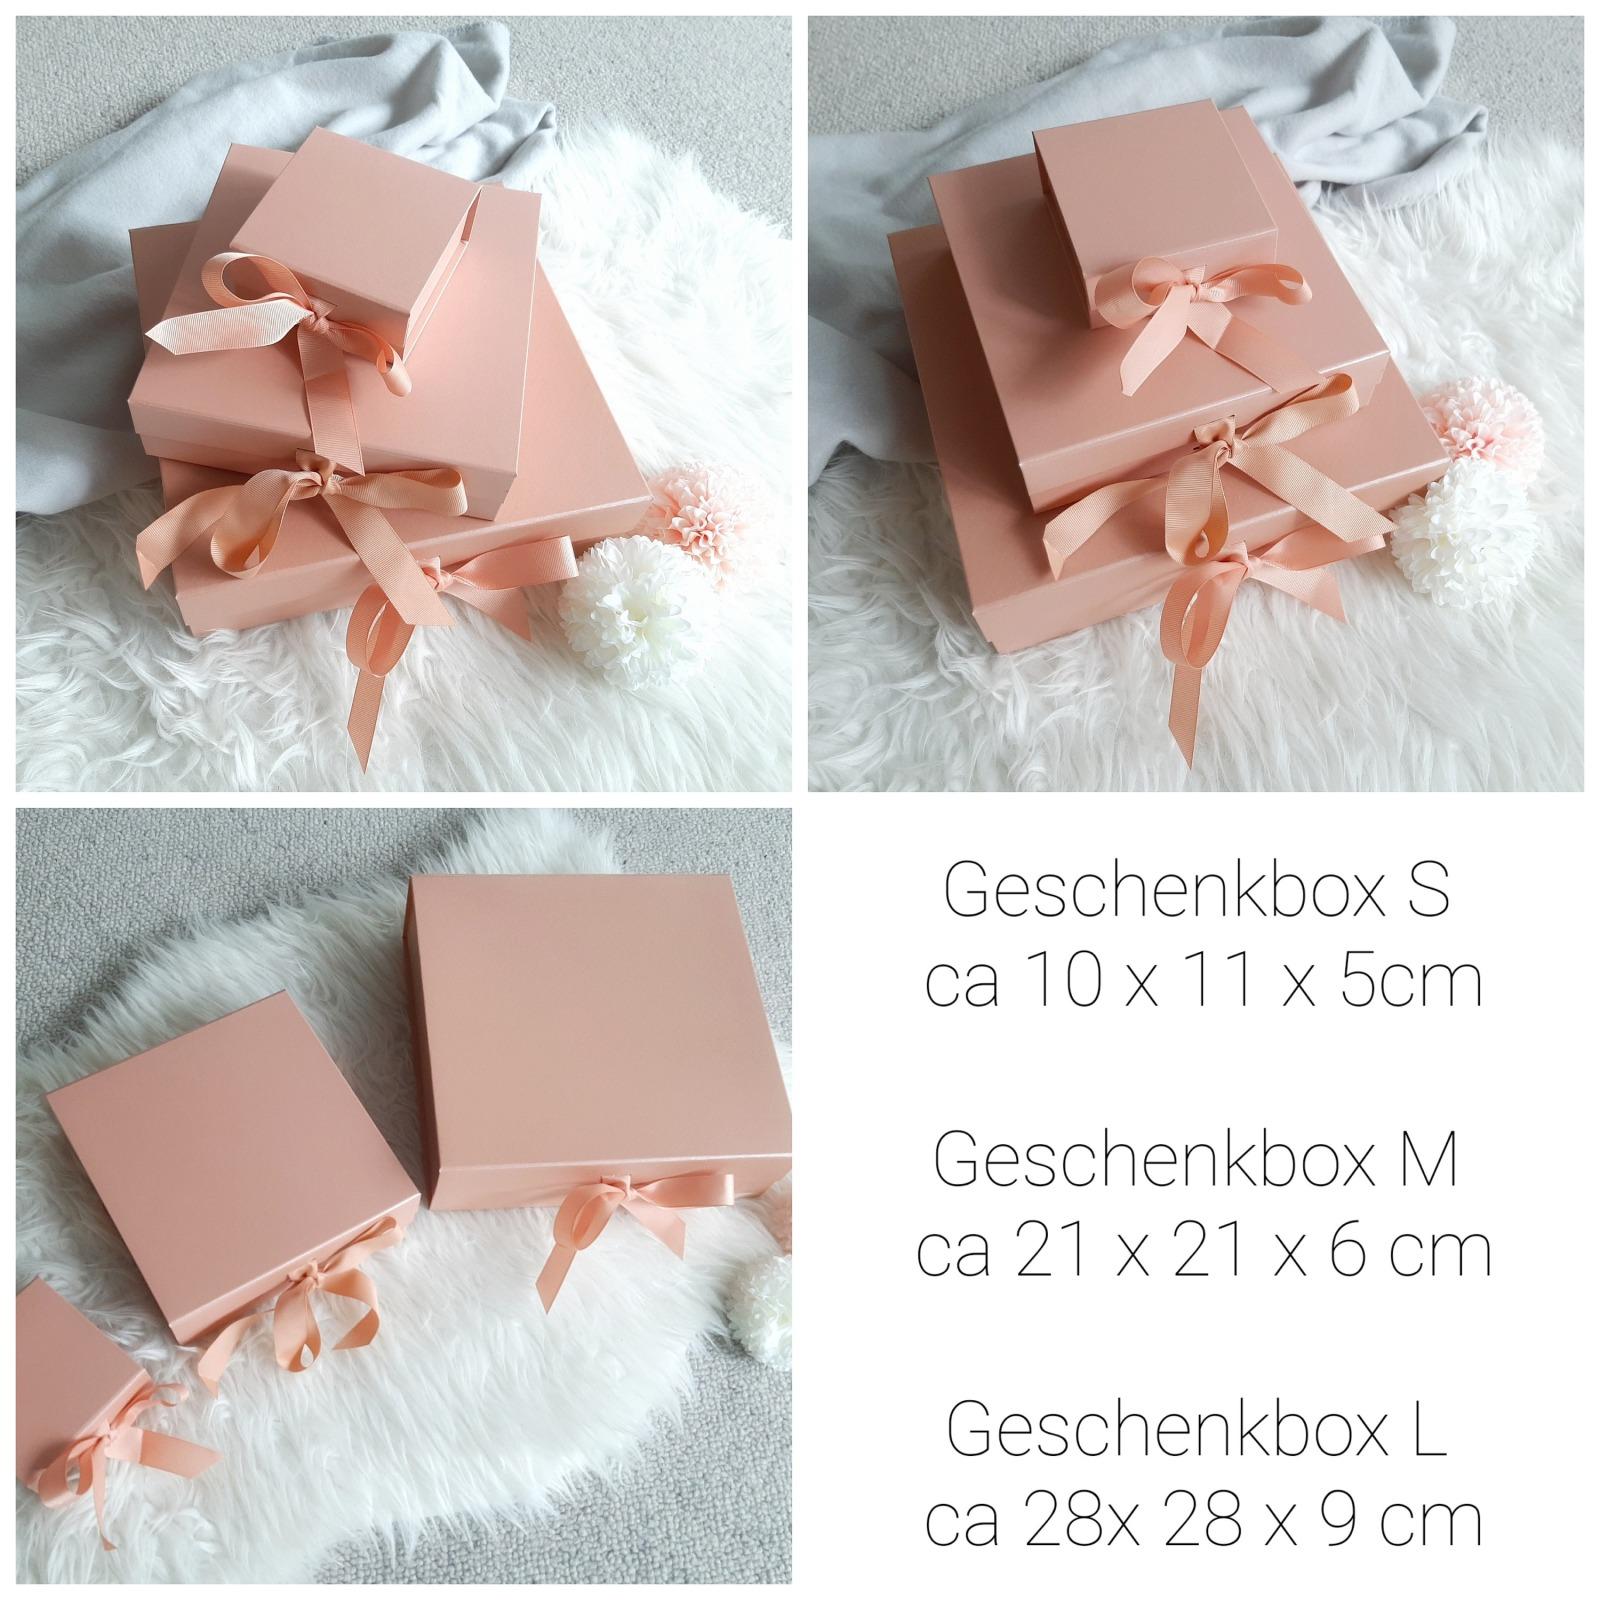 Geschenkbox mit Schleife & Widmung 5